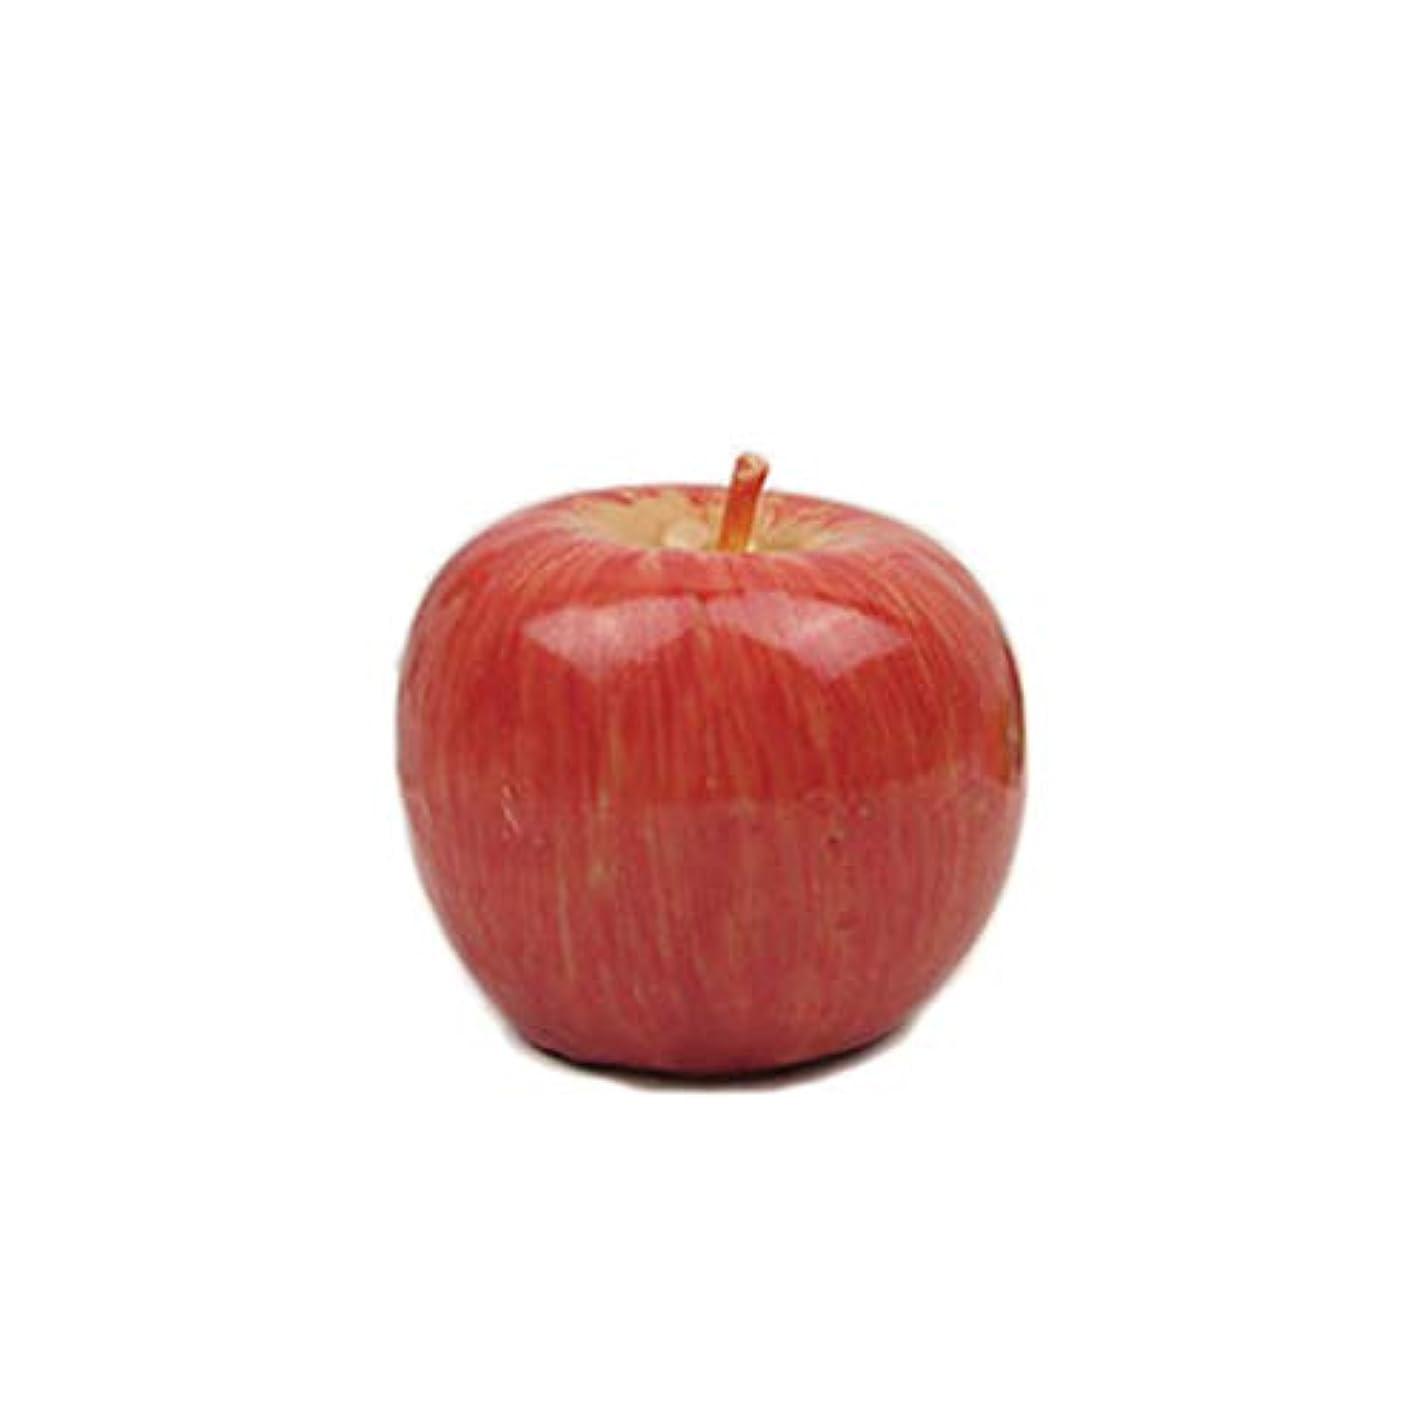 マニュアルサミュエル露出度の高いアップルシェイプキャンドルクリスマスティーライトキャンドルクリスマスイブ誕生日パーティーデコレーション大サイズ